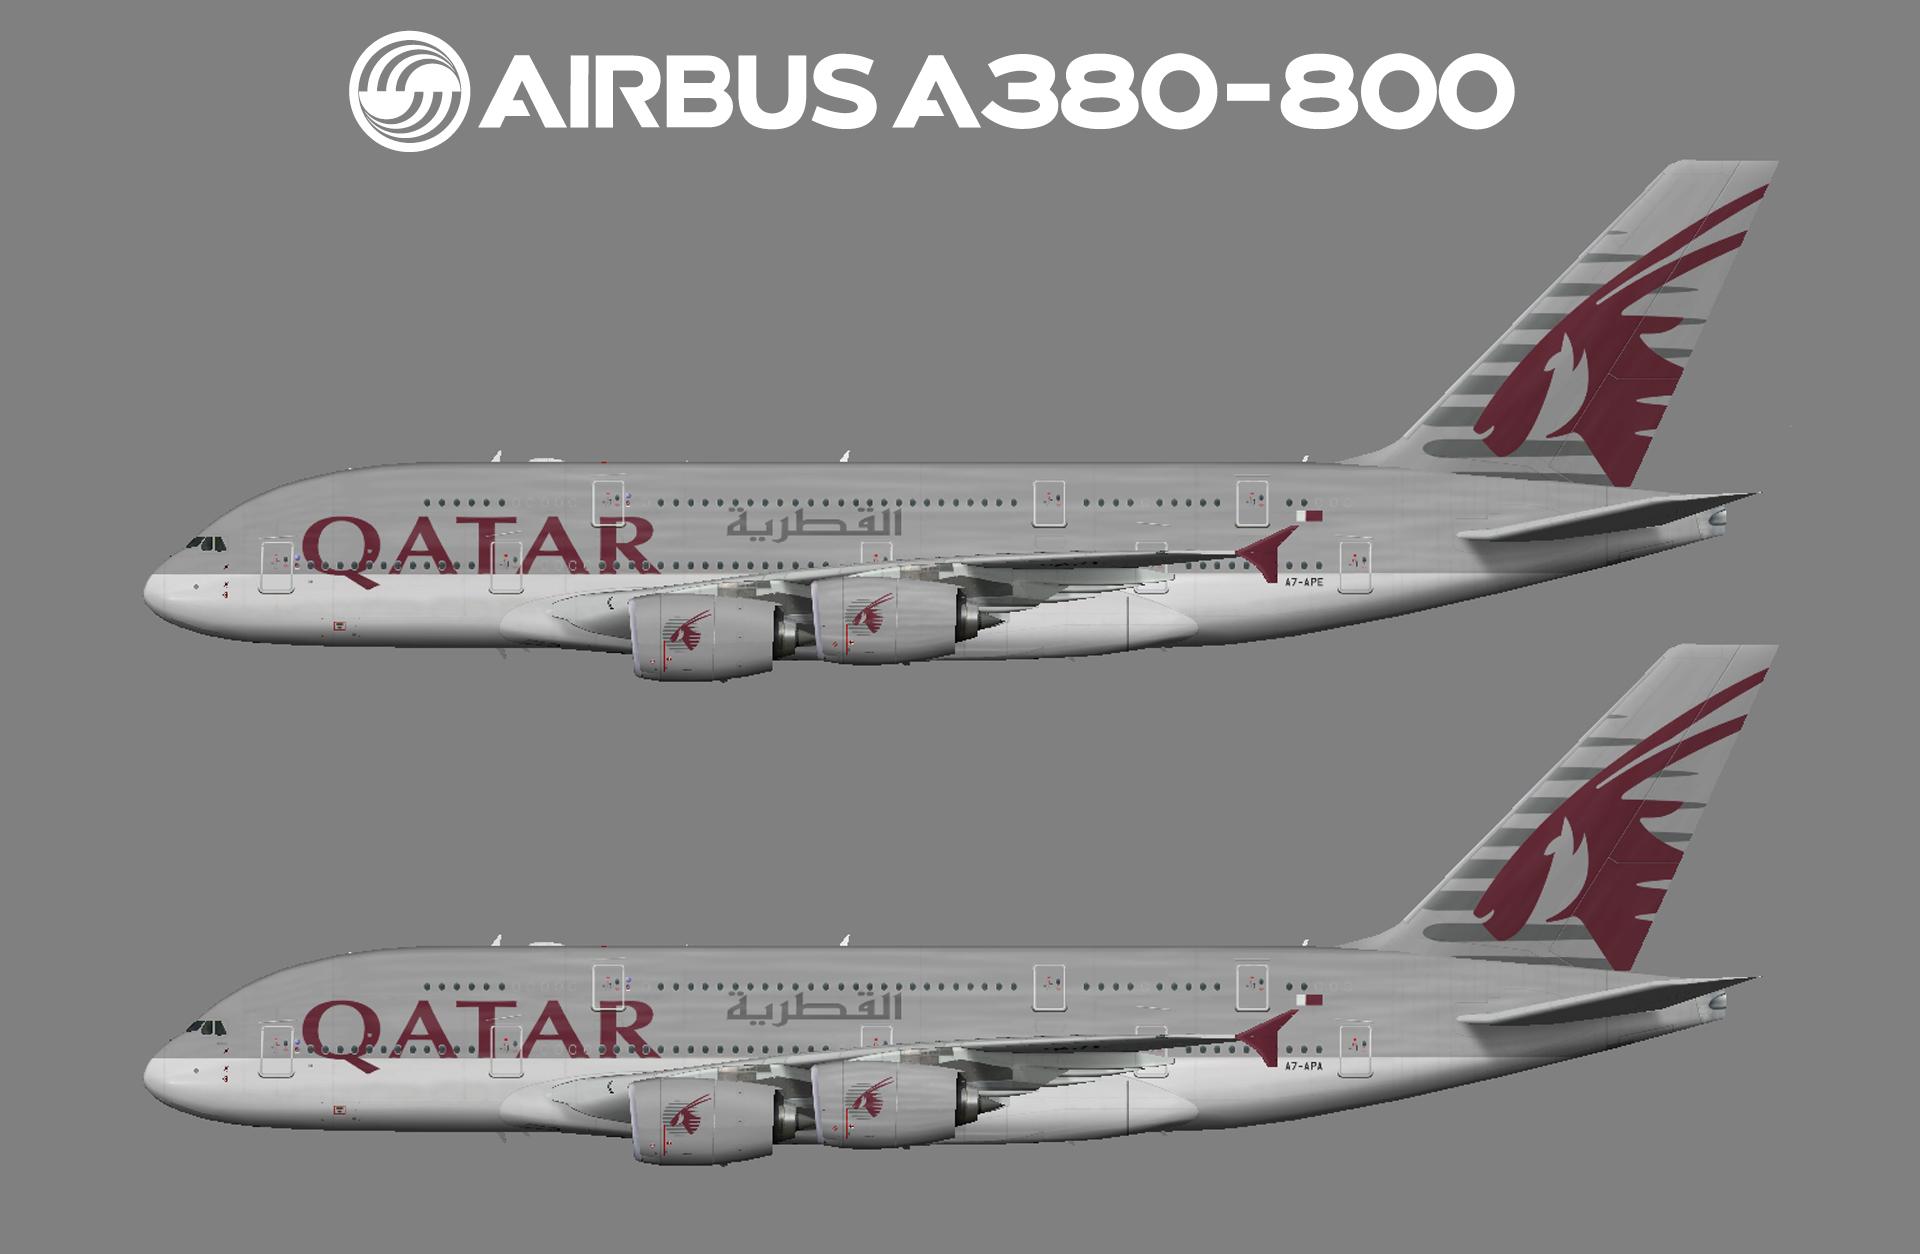 Qatar Airways Airbus A380-800